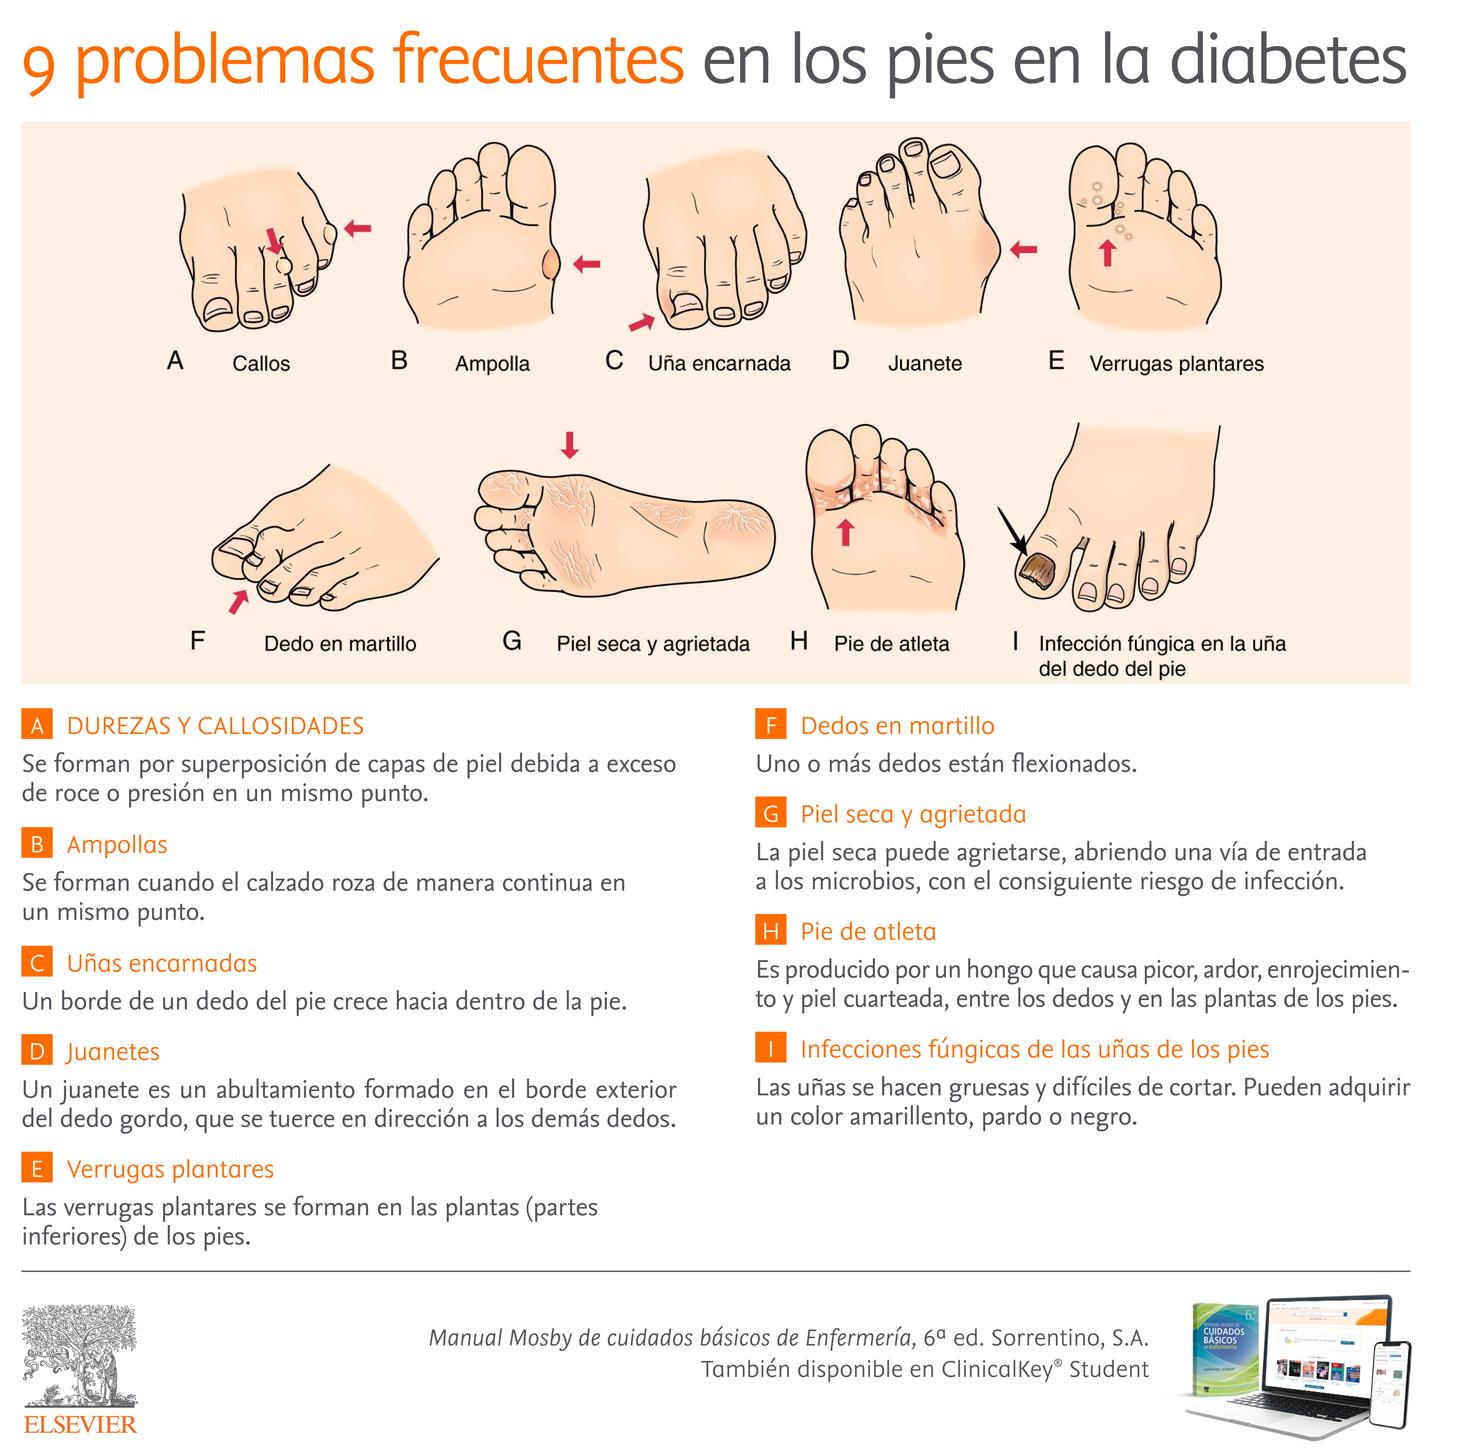 Infografia_9-problemas-frecuentes-pies-Diabetes.jpg